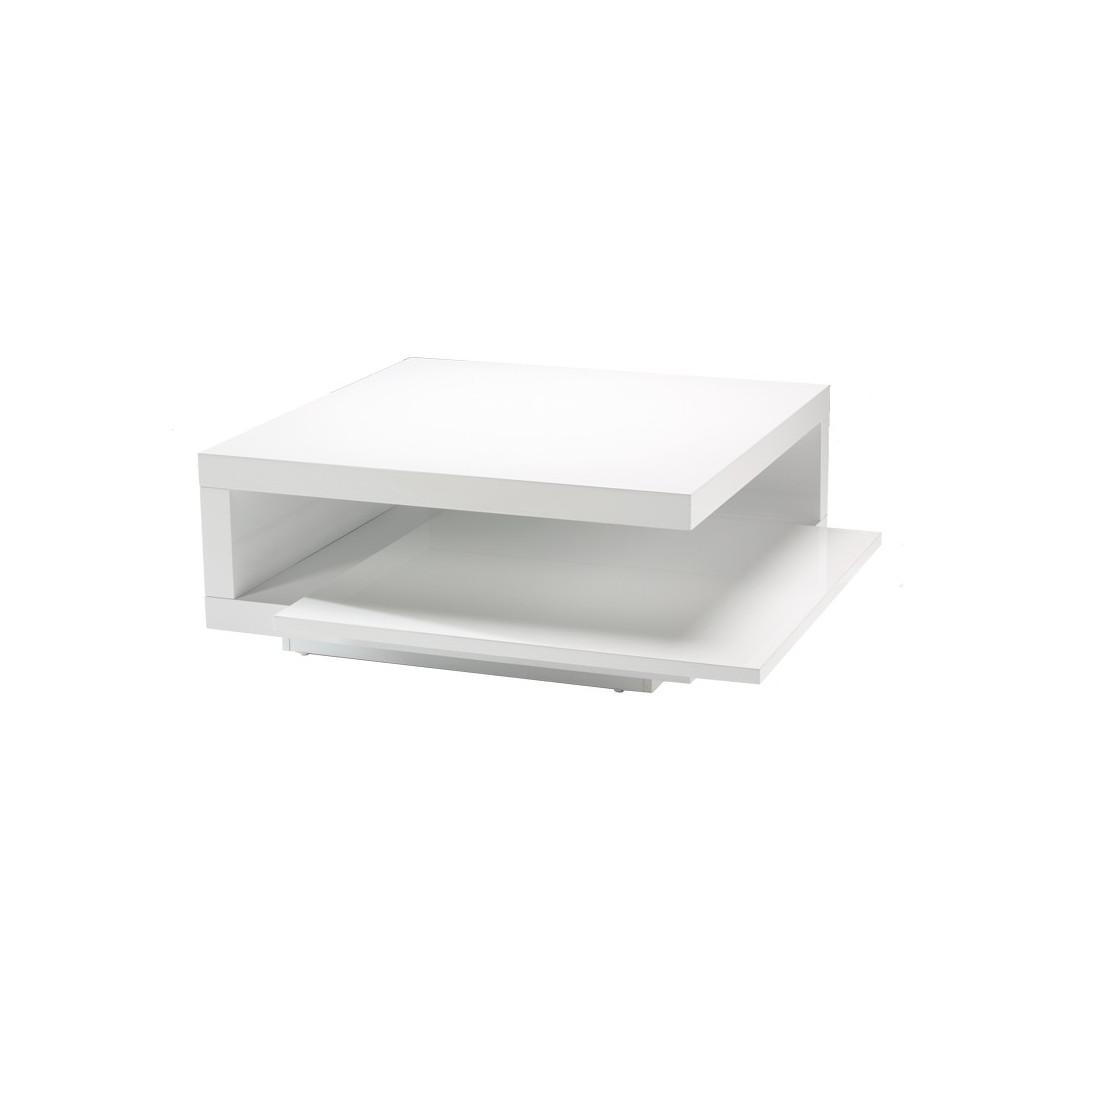 Table basse carr e blanc carry univers du salon - Table basse carree blanc ...